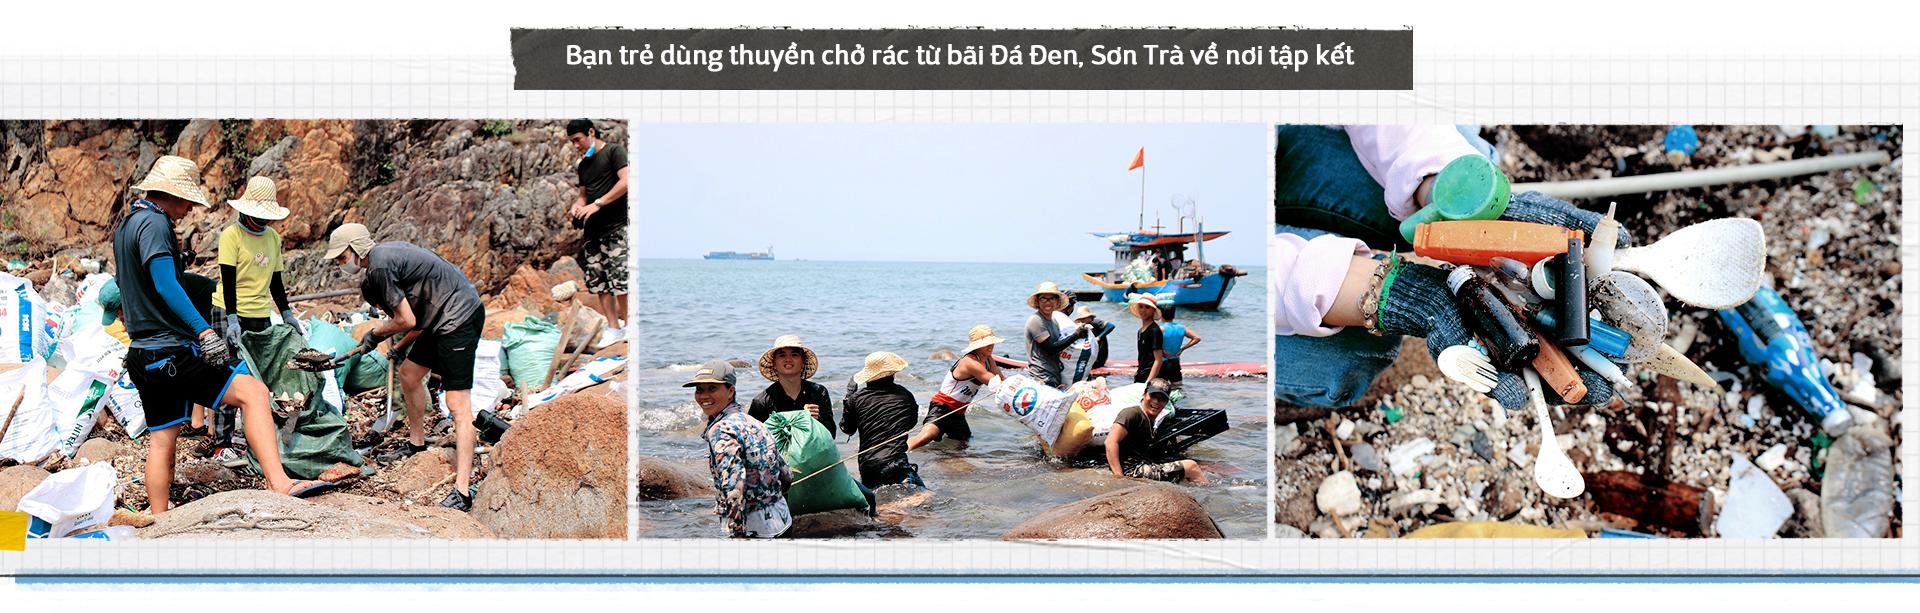 Những câu chuyện nóng hổi tạo trend trong giới trẻ Việt 2019 - Ảnh 12.